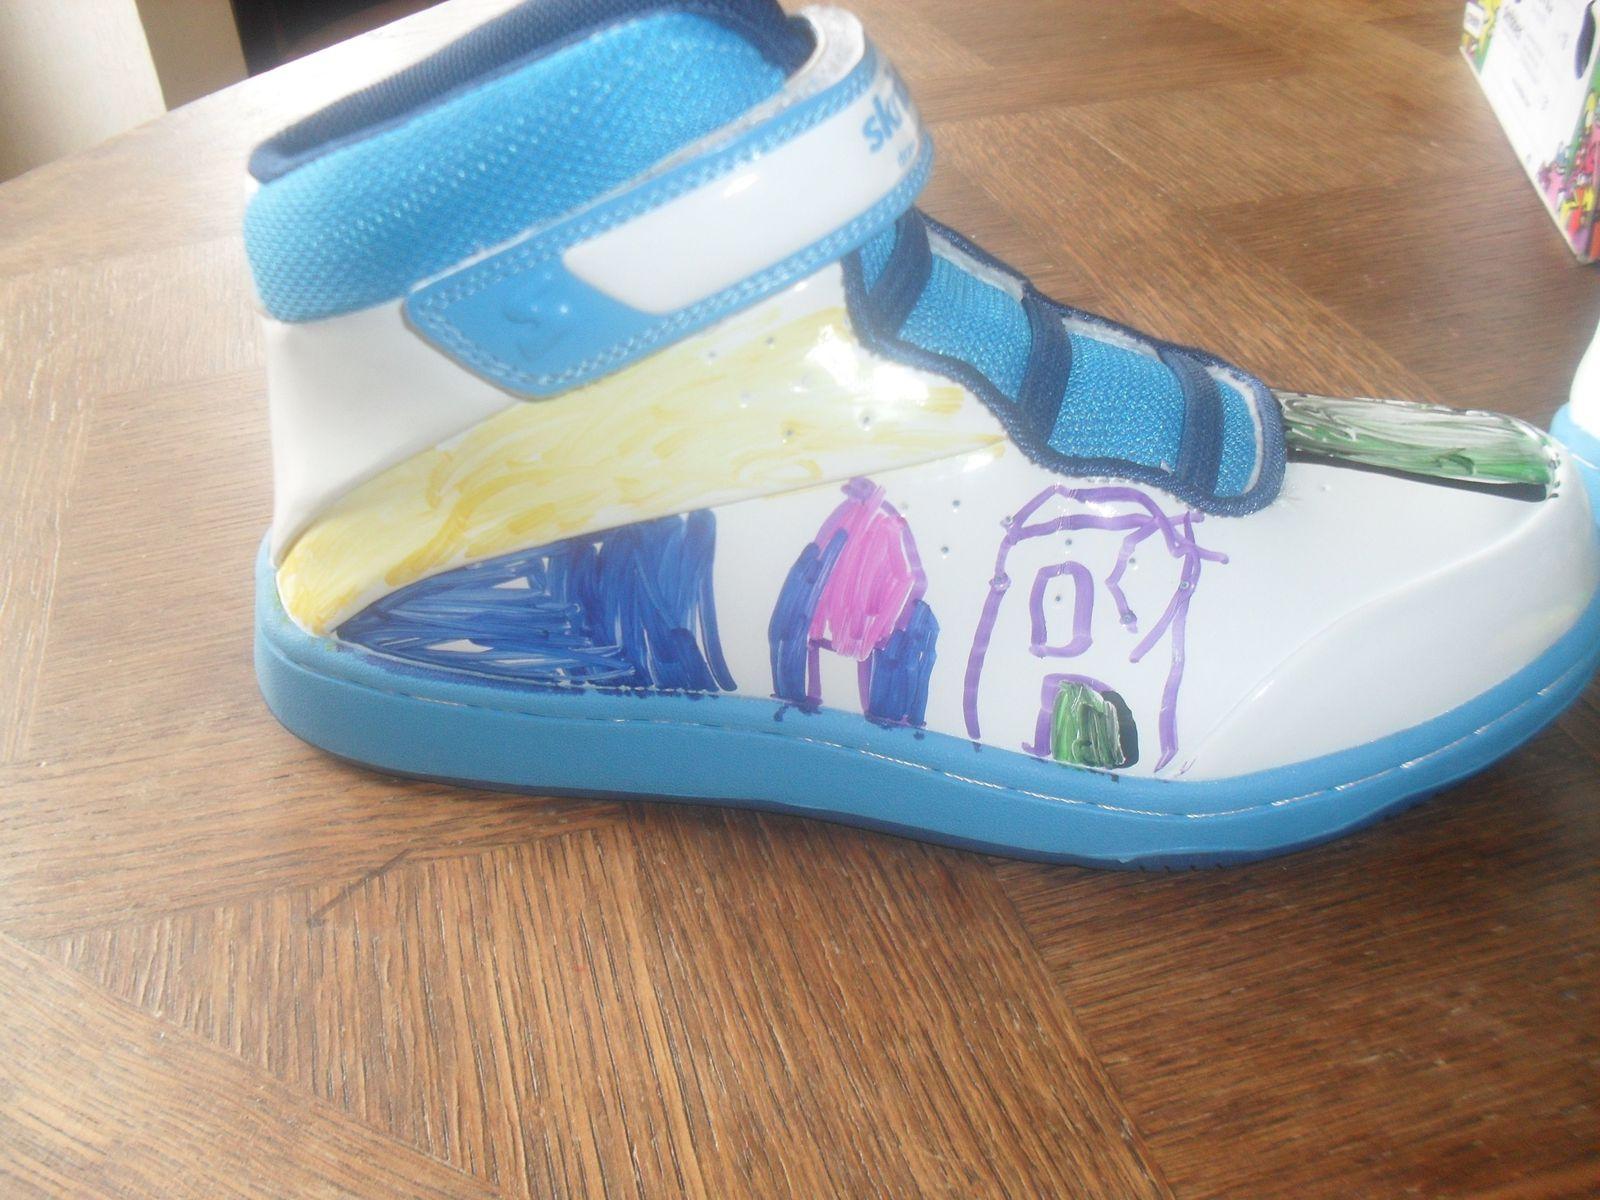 Dessiner sur ses chaussures, c'est possible avec Skribbies